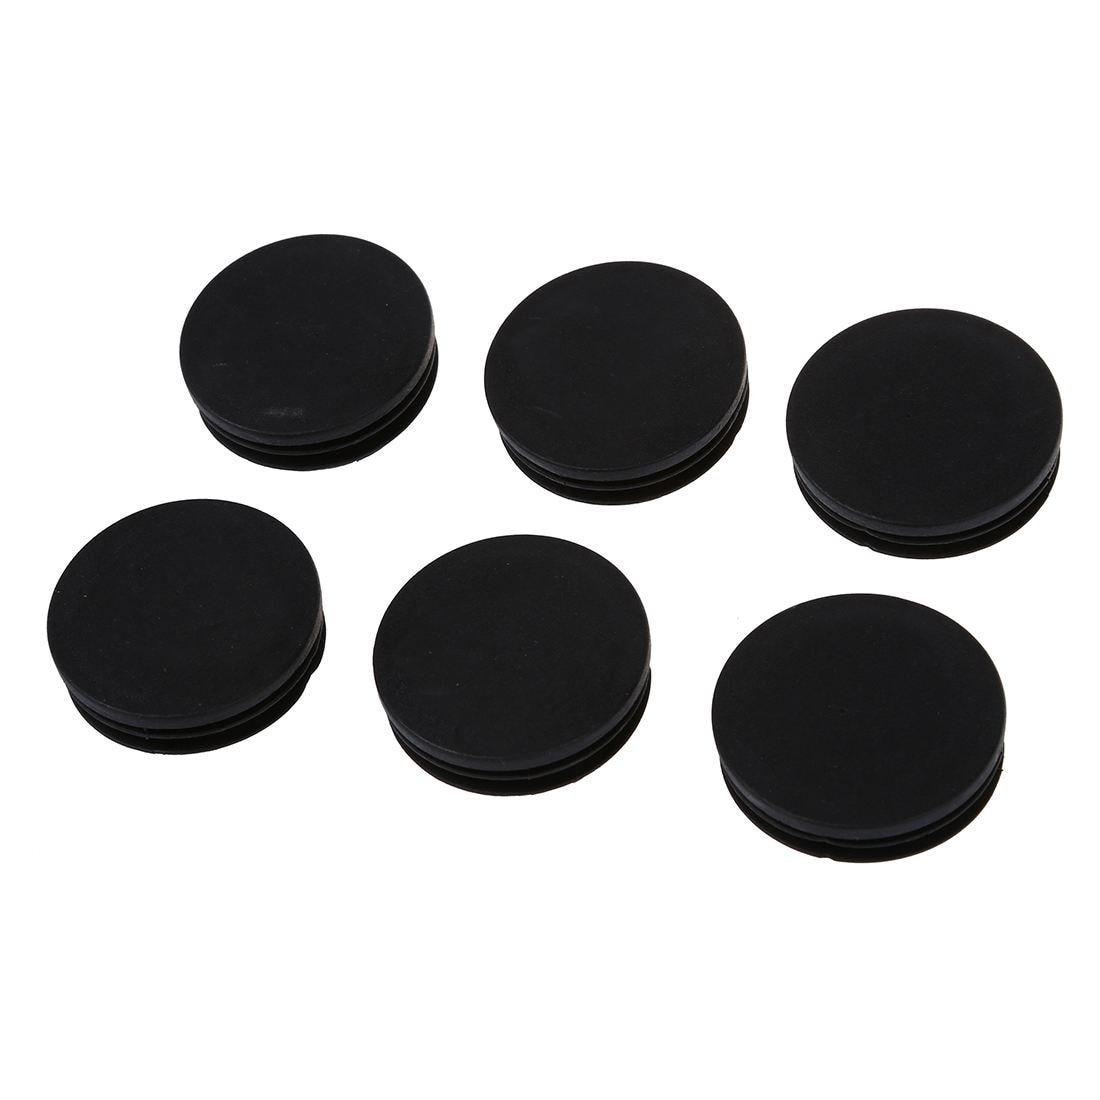 Promotion! 6 x Black Plastic 50mm Dia Round Tubing Tube Insert Caps CoversPromotion! 6 x Black Plastic 50mm Dia Round Tubing Tube Insert Caps Covers